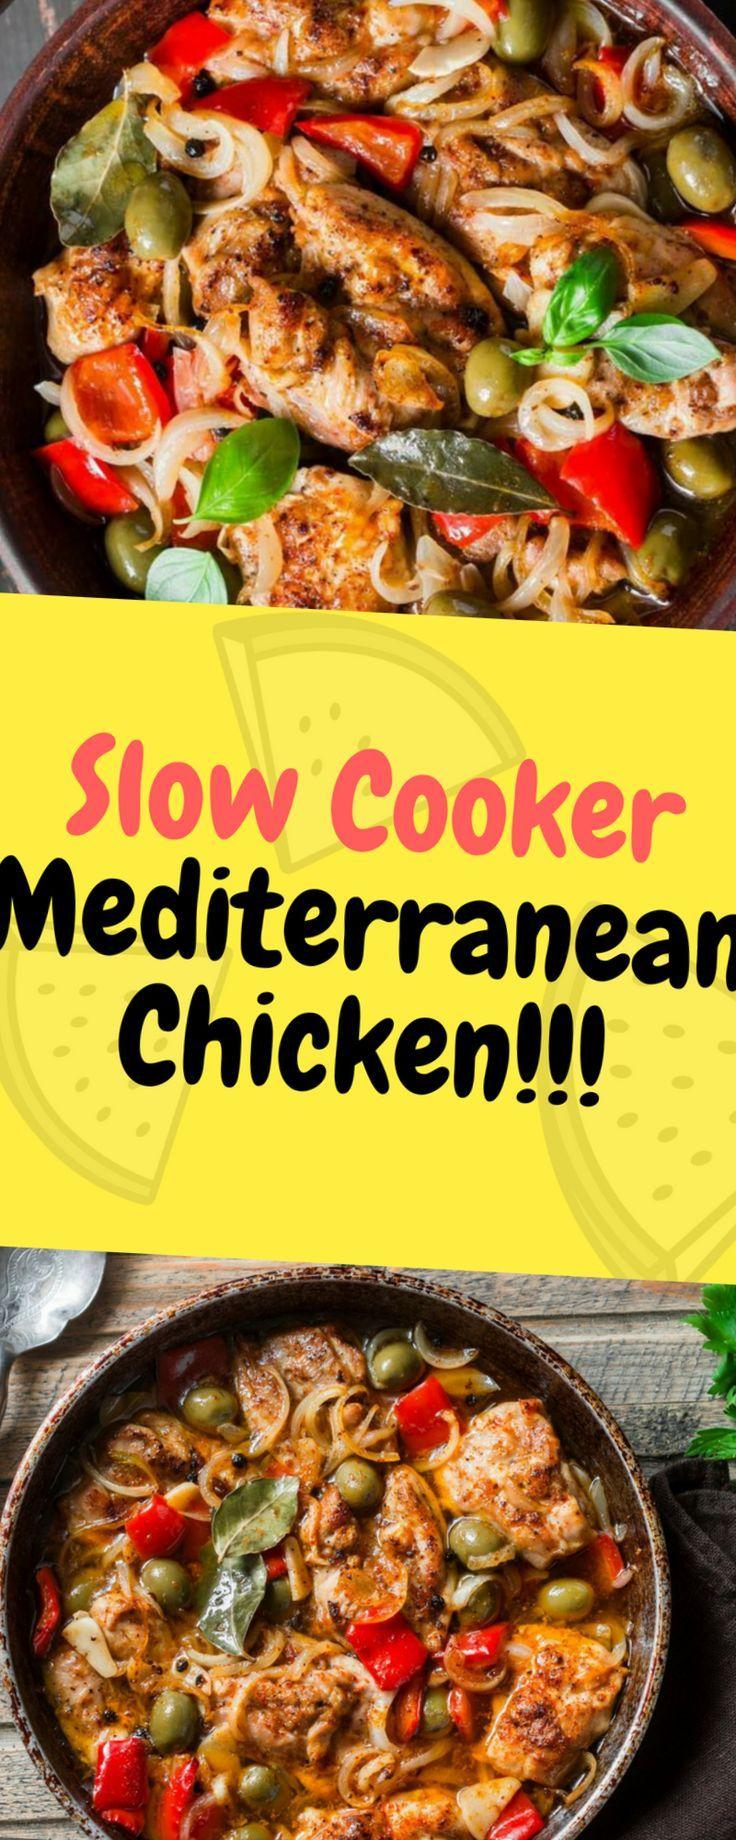 Langsamkocher-Mittelmeerhuhn - eins des Lebensmittels,  Langsamkocher-Mittelmeerhuhn - eins des Lebensmittels,